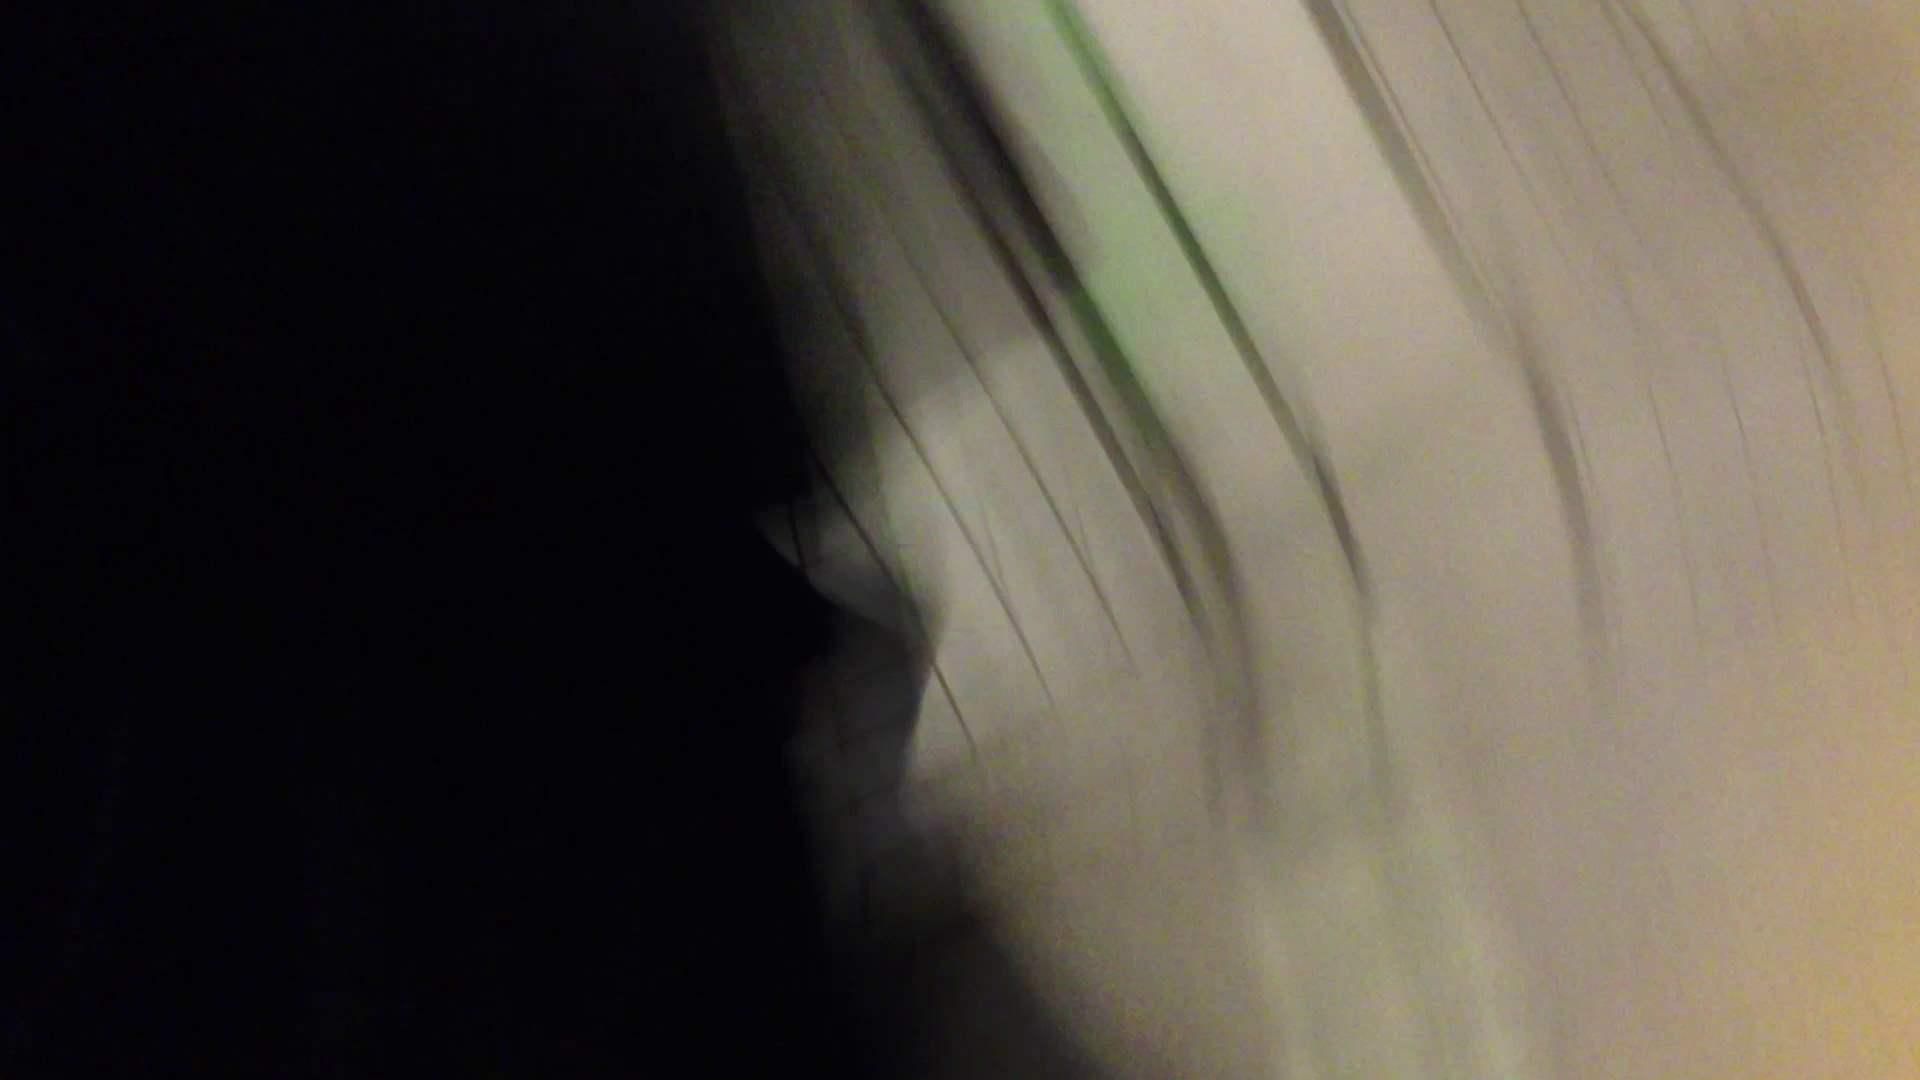 階段パンチラ Vol.01 パンチラ  54PIX 7